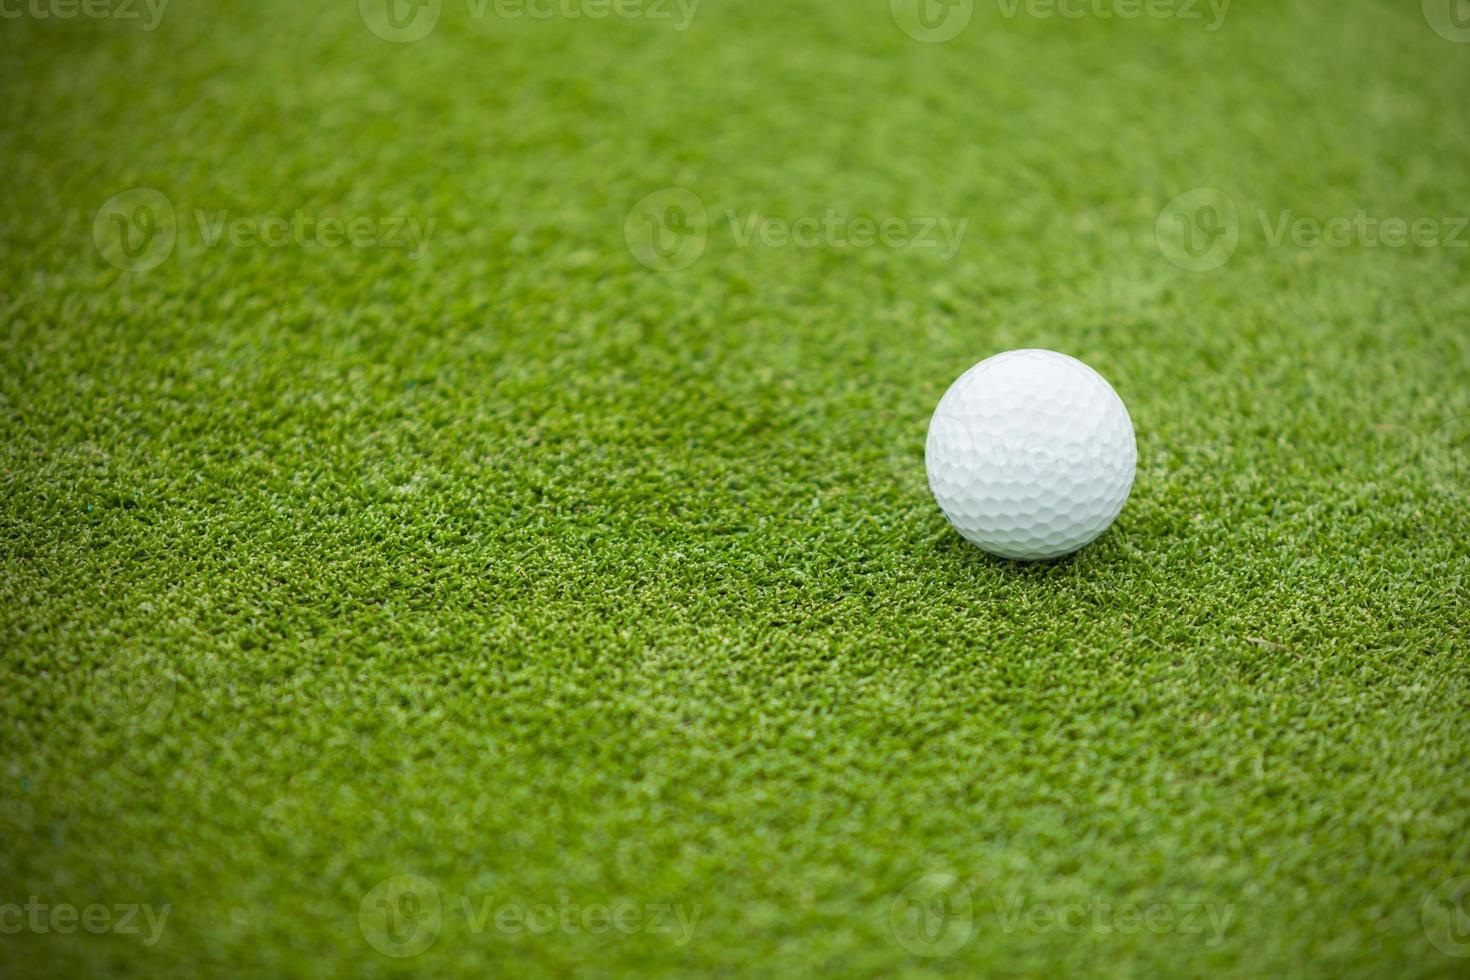 bola de golfe no gramado verde foto